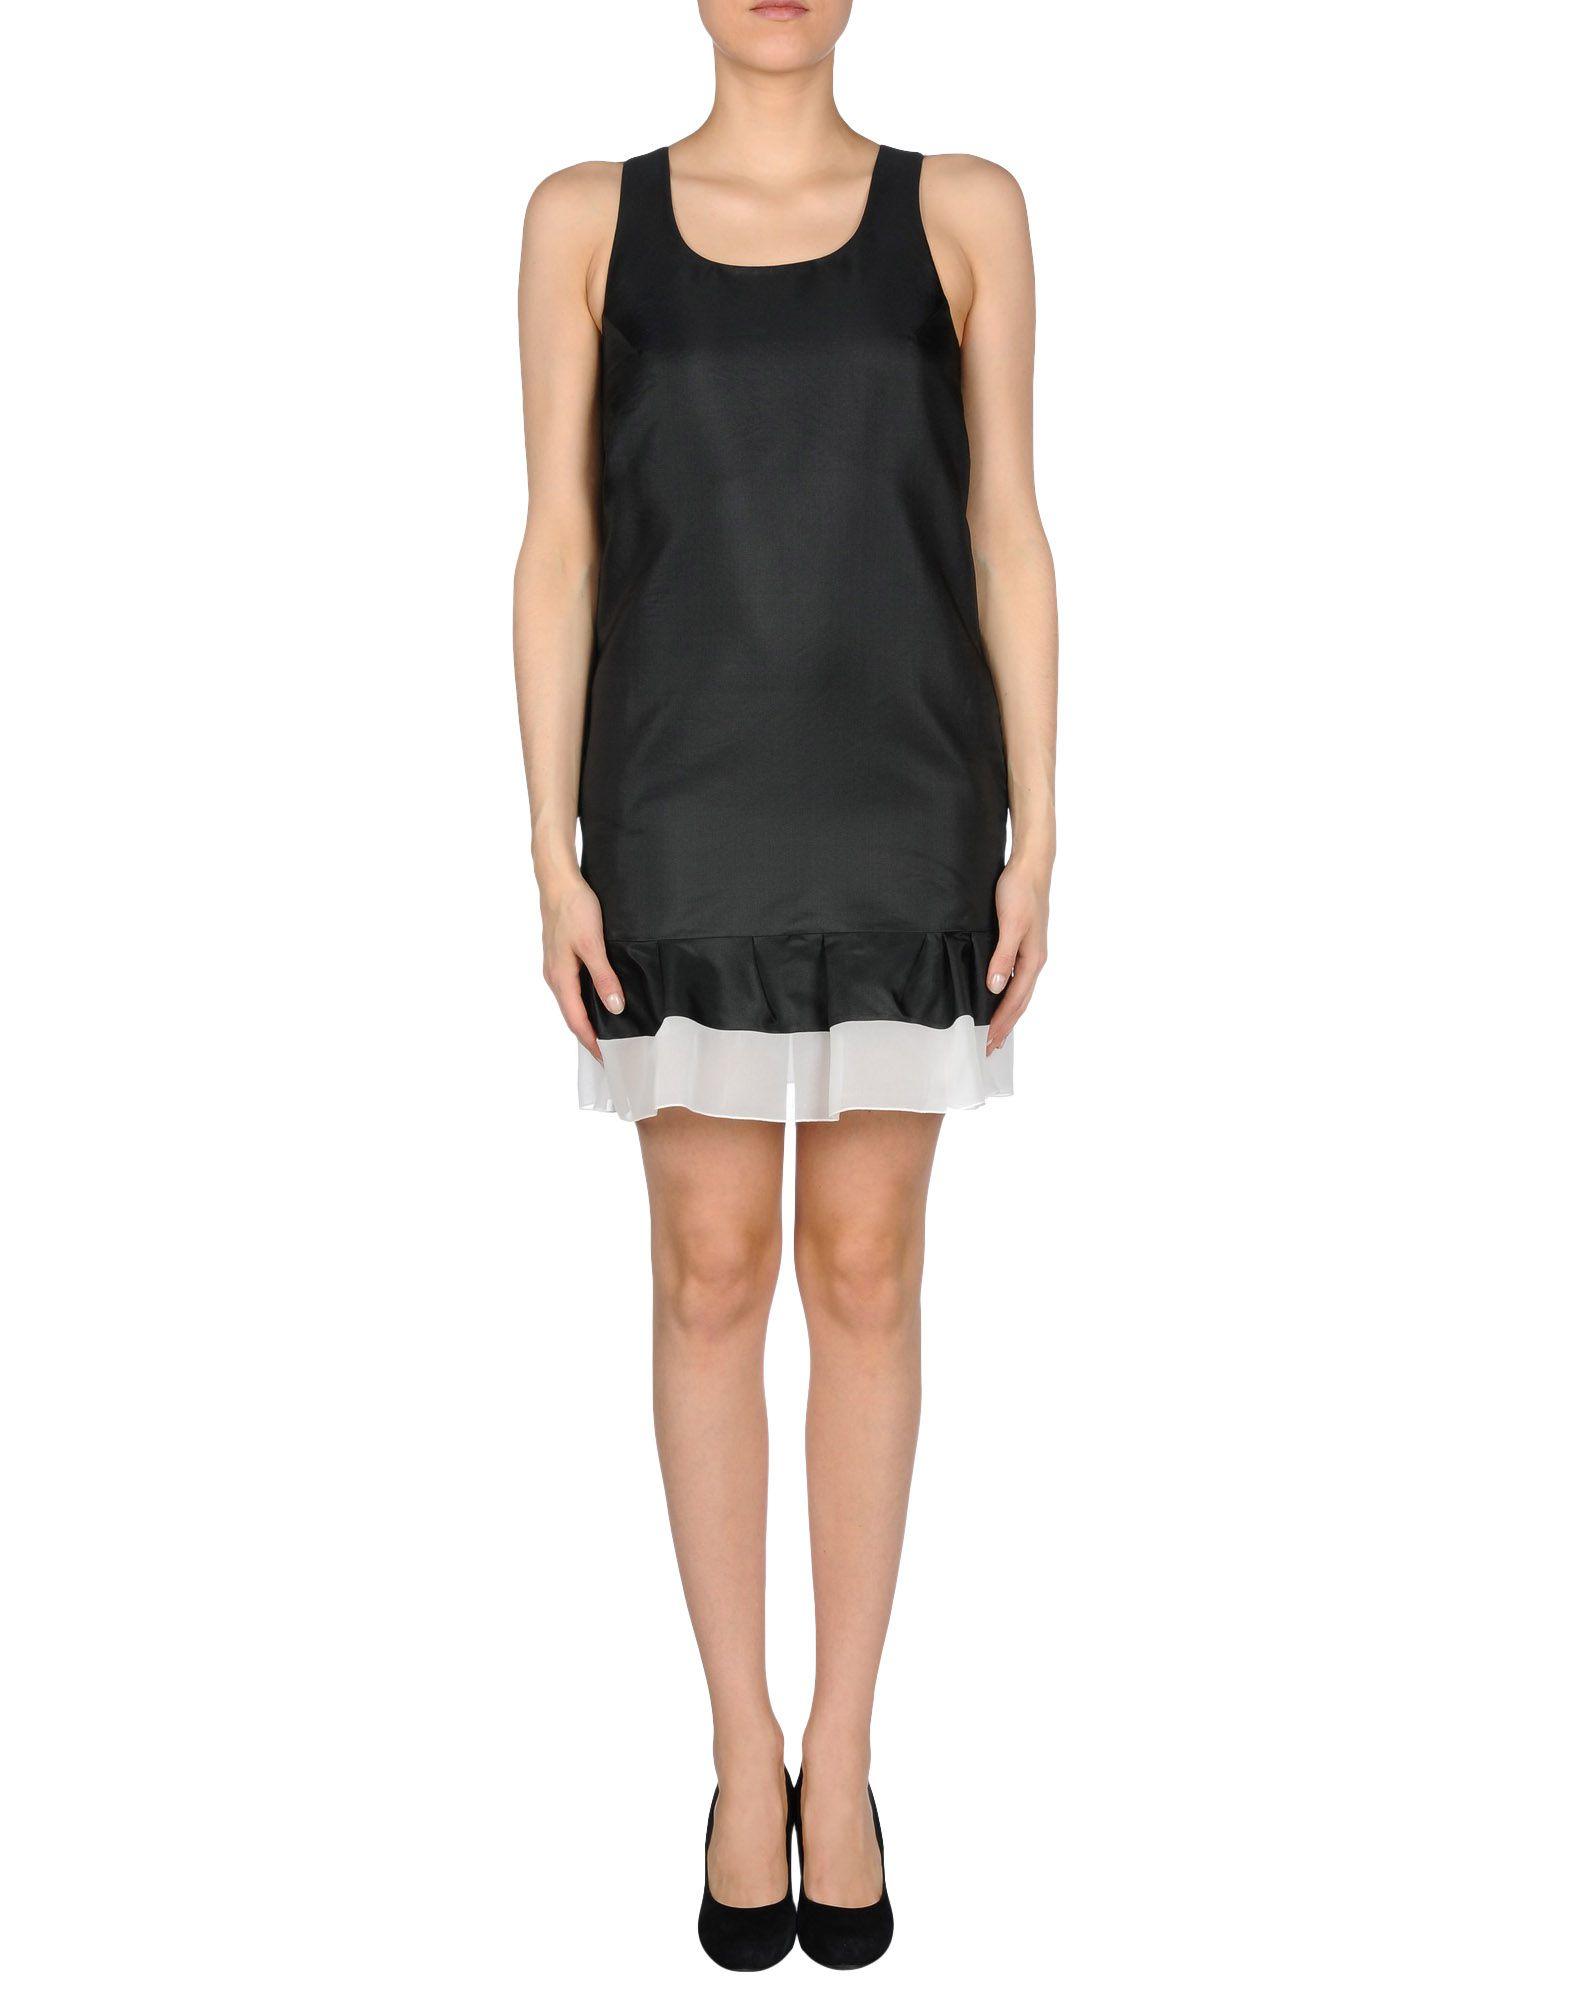 viktor rolf short dress in black lyst. Black Bedroom Furniture Sets. Home Design Ideas